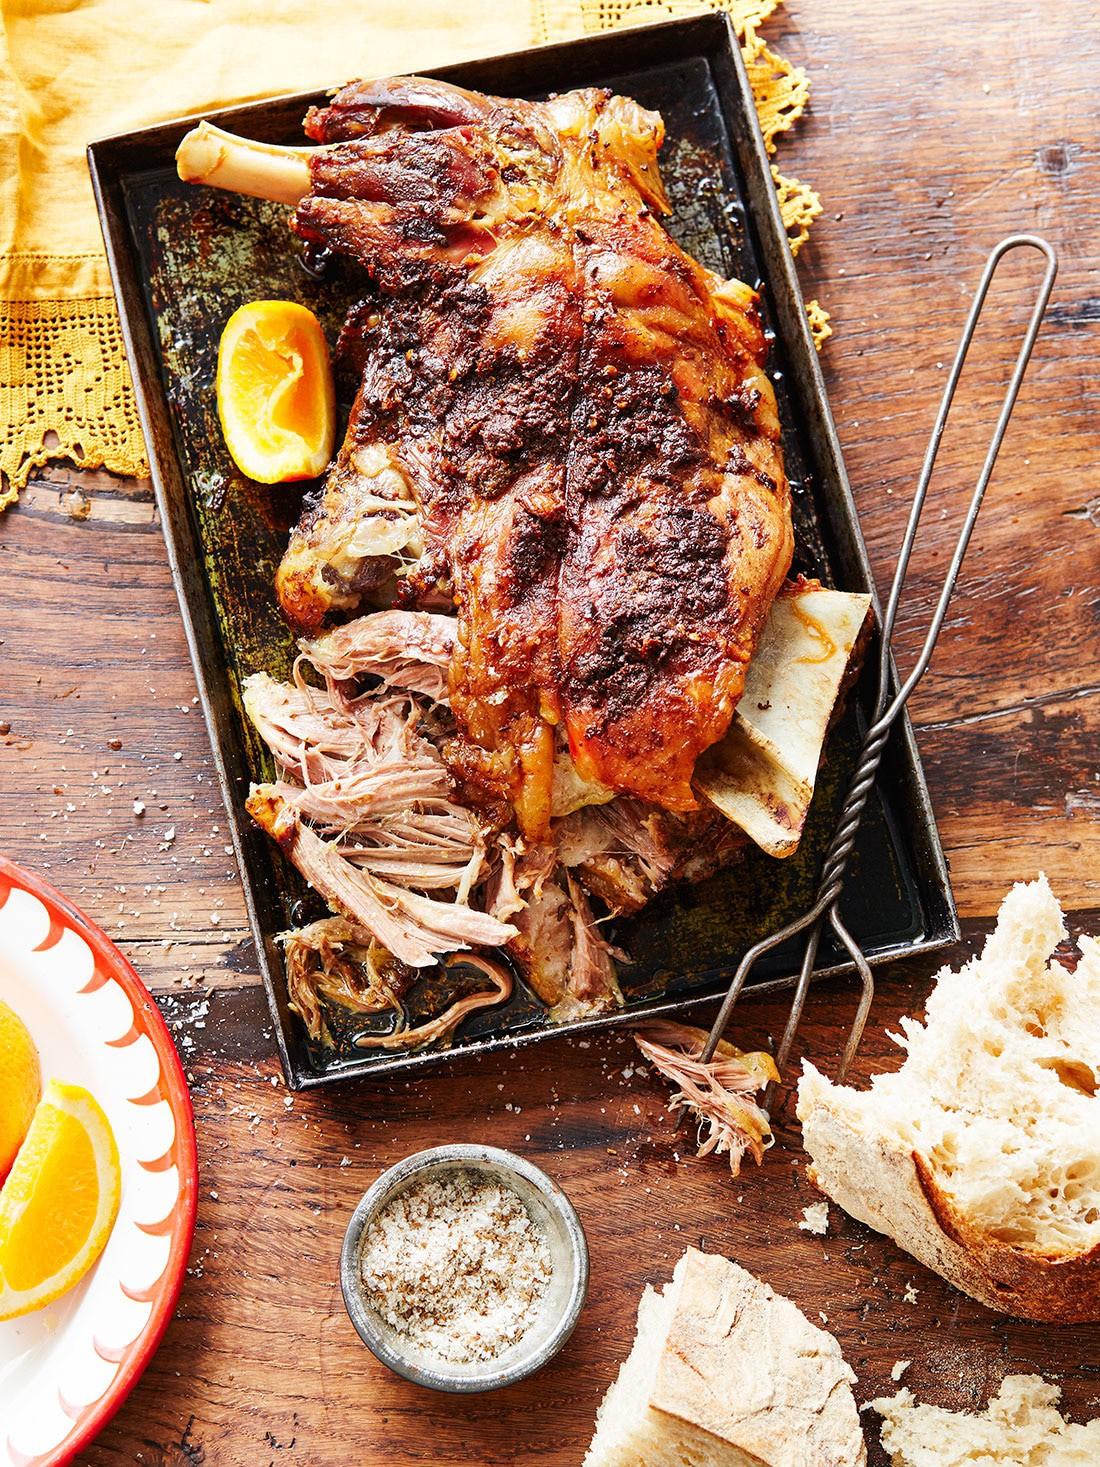 Đến với đất nước Morocco, bạn sẽ không thể bỏ qua loạt món ăn hấp dẫn này - Ảnh 4.